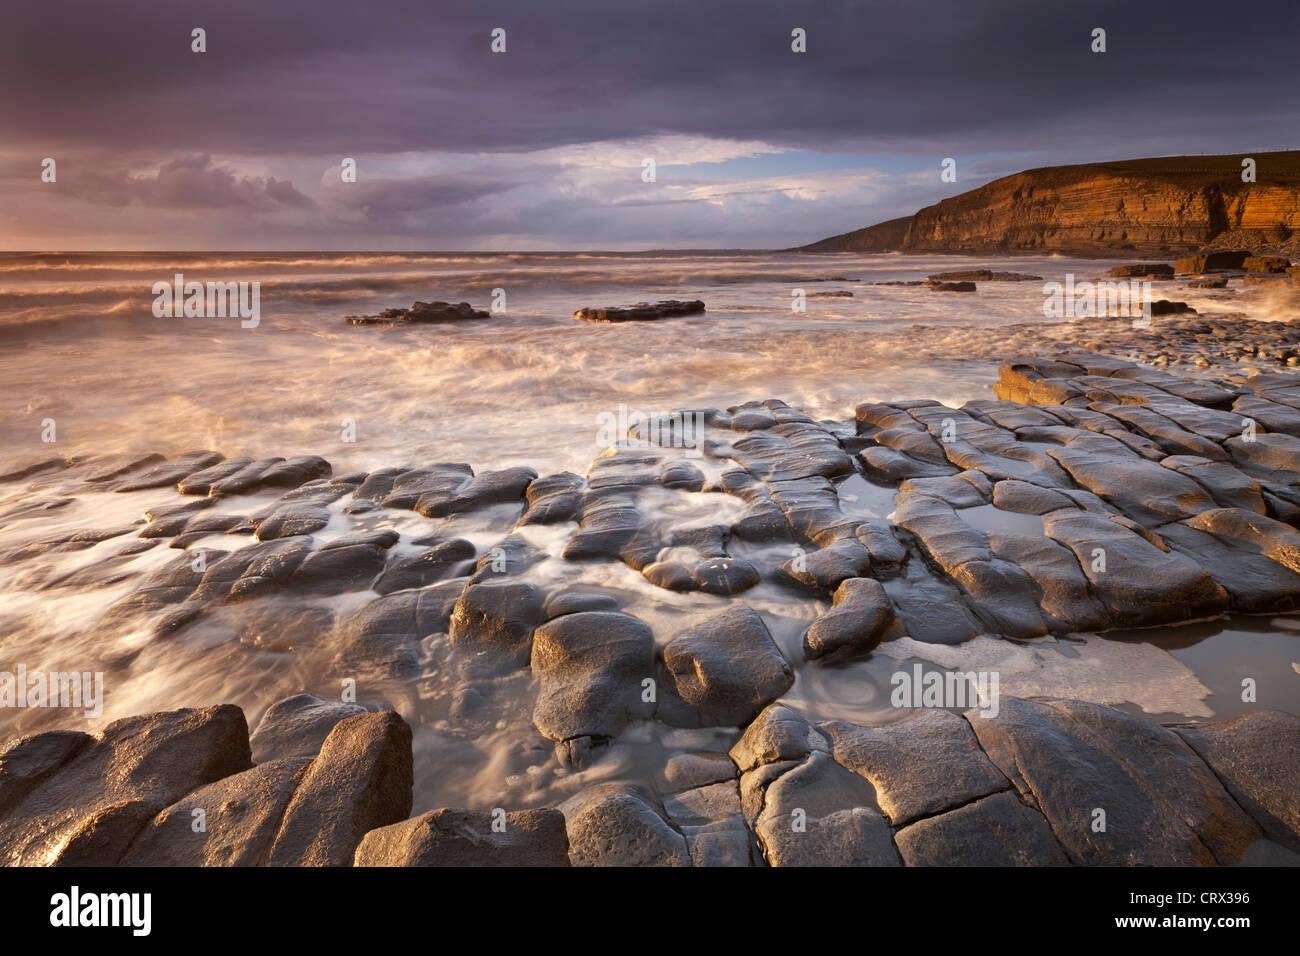 Dunraven Bay auf der Glamorgan Heritage Coast, South Wales. Winter (Dezember) 2011. Stockbild